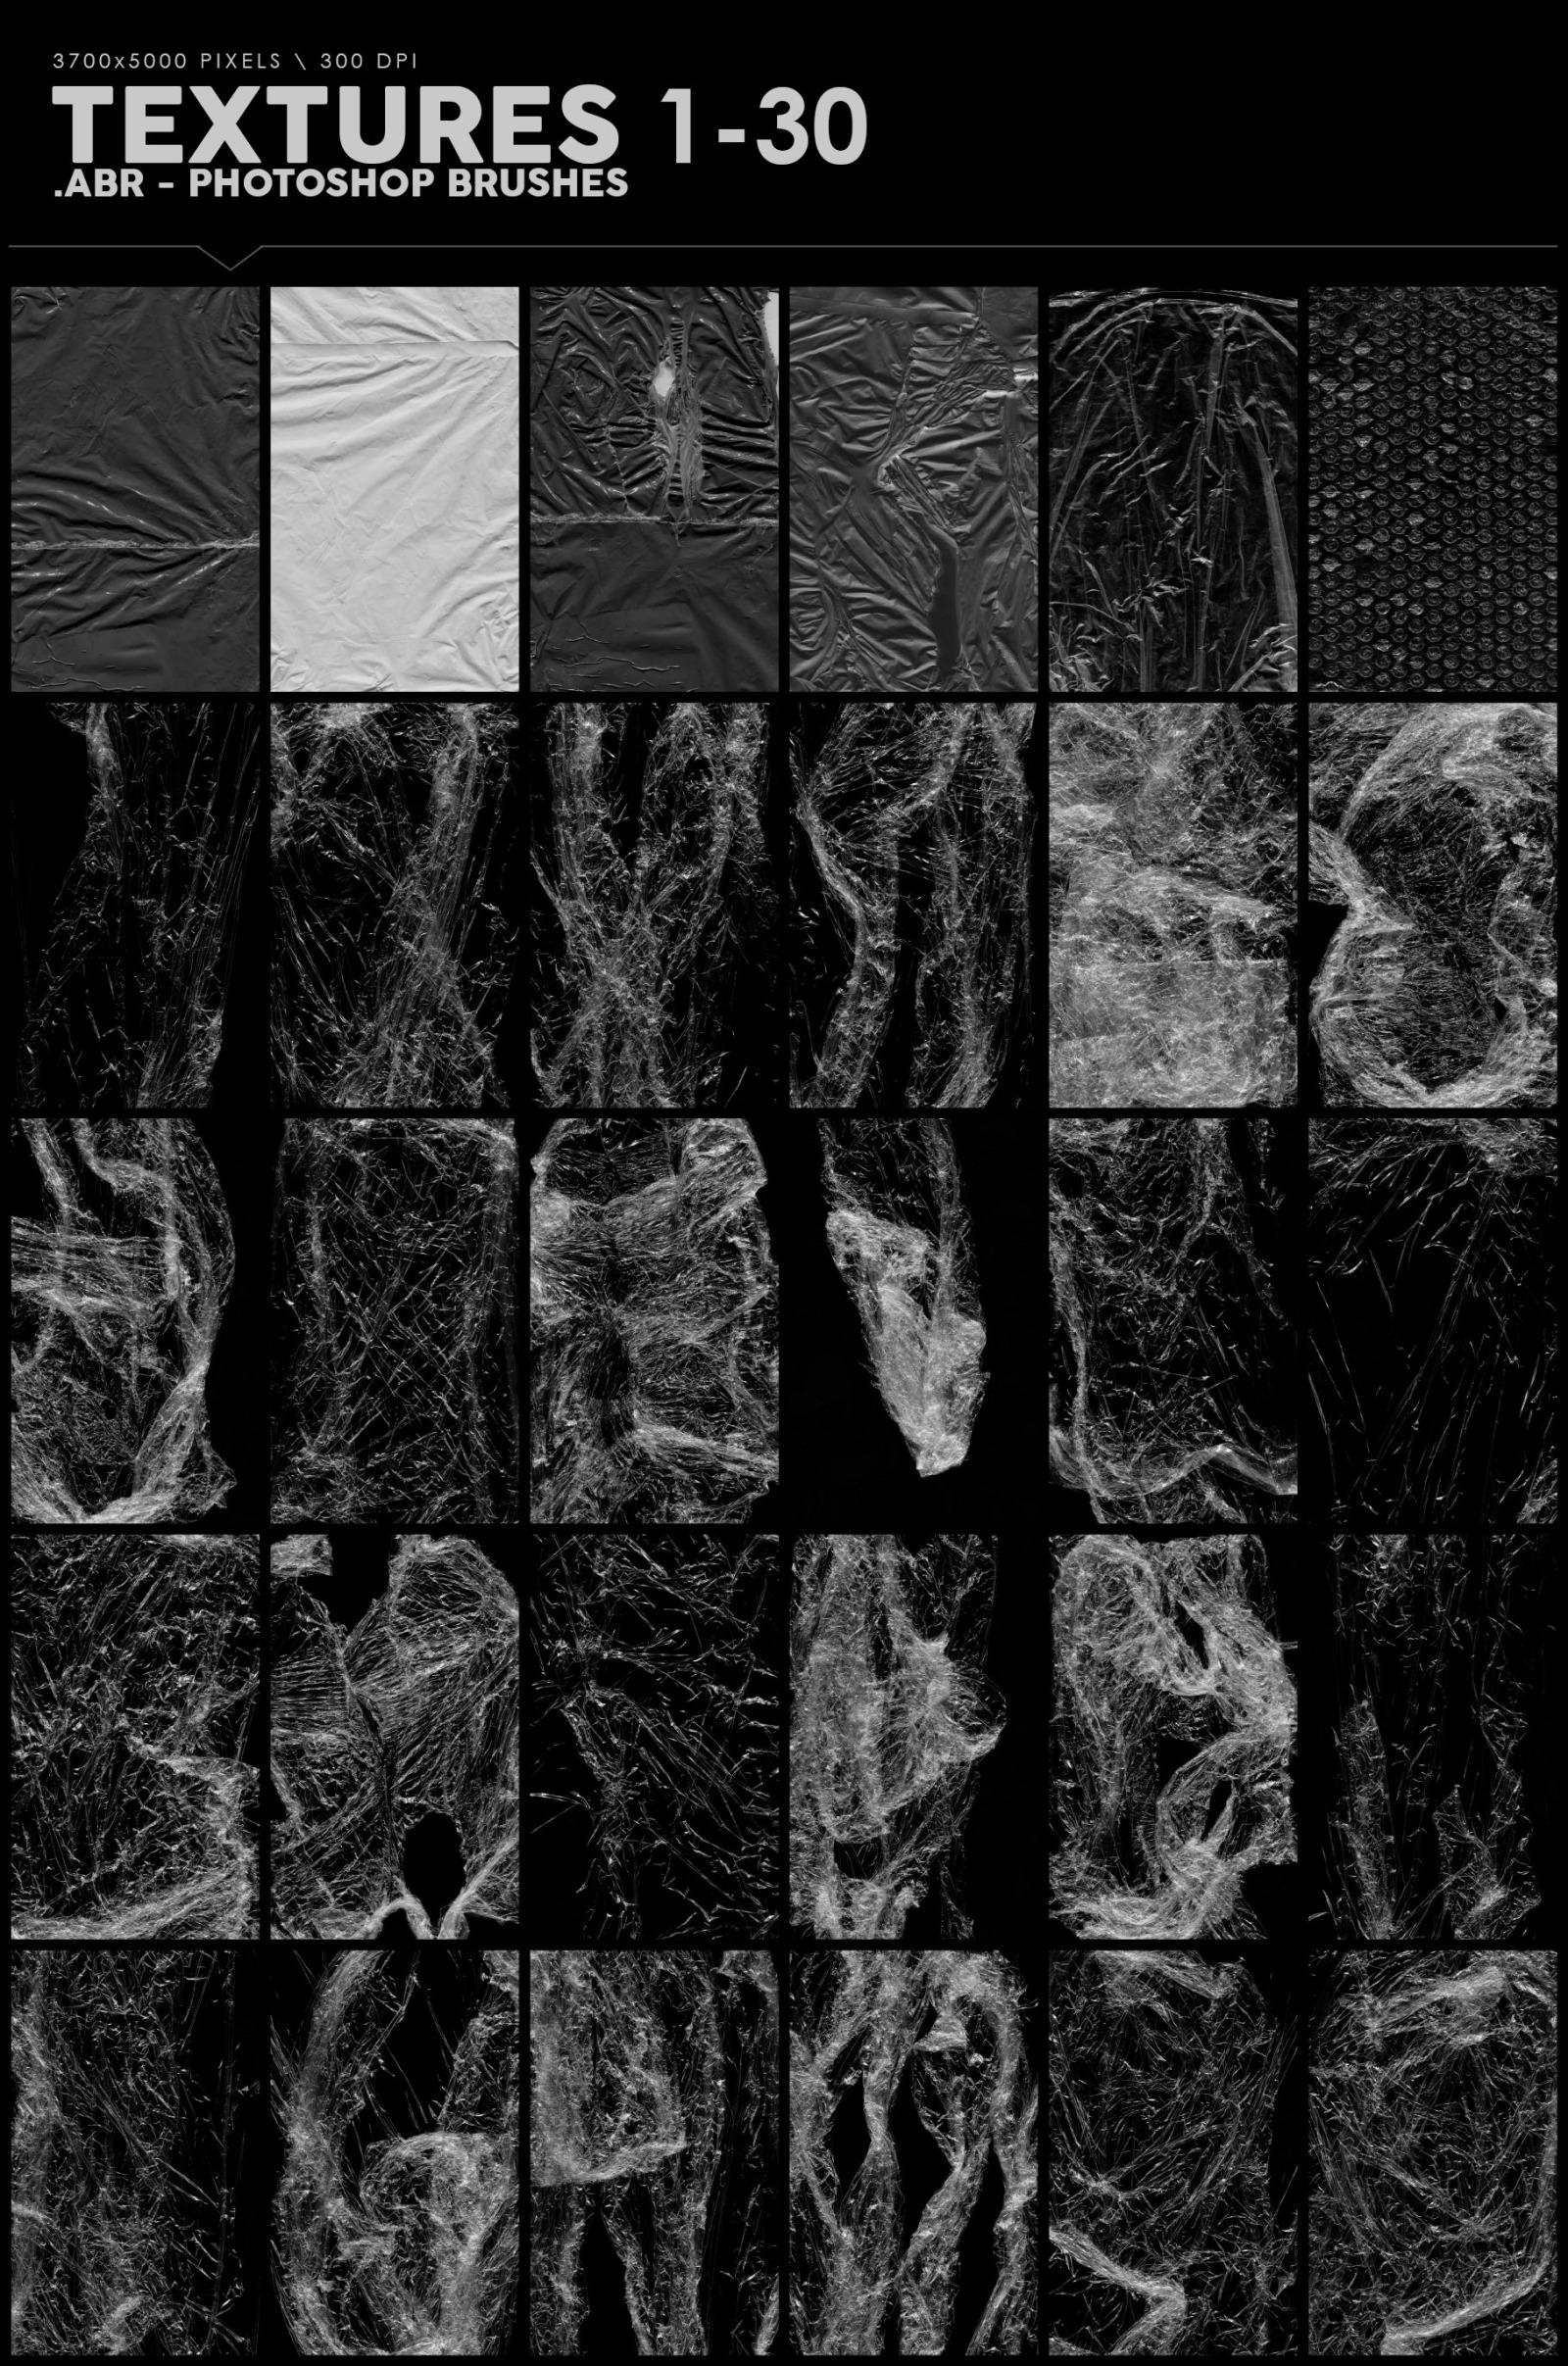 198 Plastic Photoshop Brushes